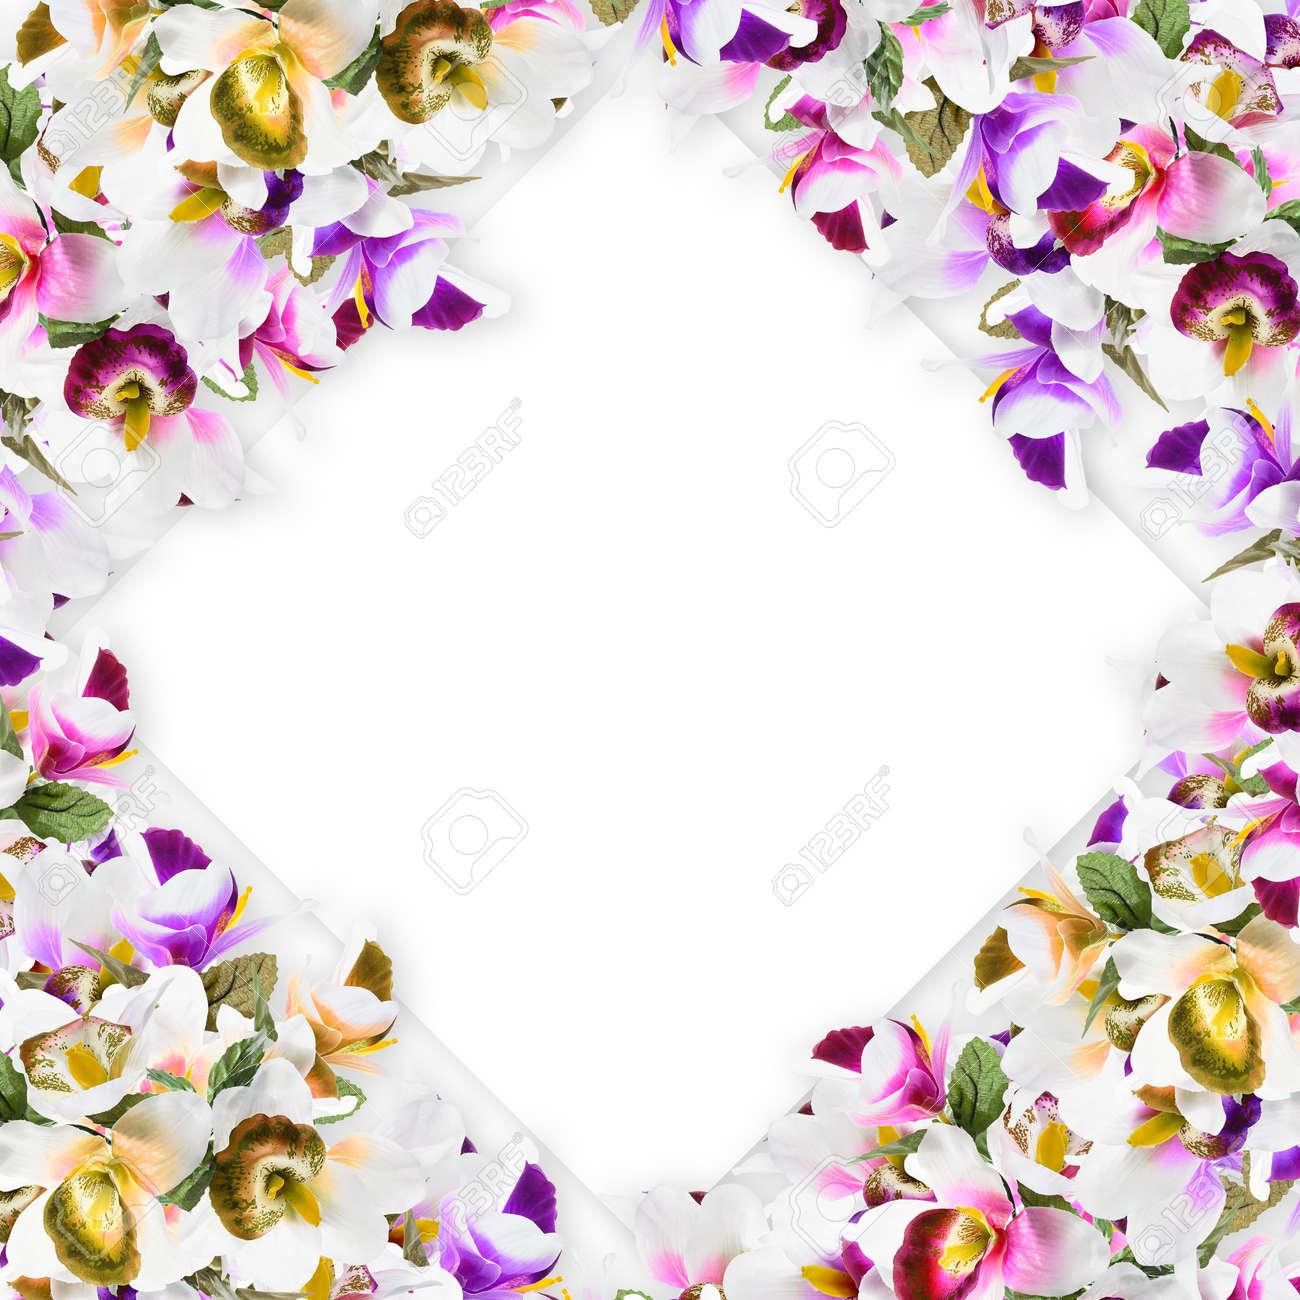 Vintage Ressort De Carte Verticale Branches En Fleurs Colorees De Lilas Fleur Orchidee Fleur Imprimer Dans Des Couleurs Douces En Tissu Banque D Images Et Photos Libres De Droits Image 59818351